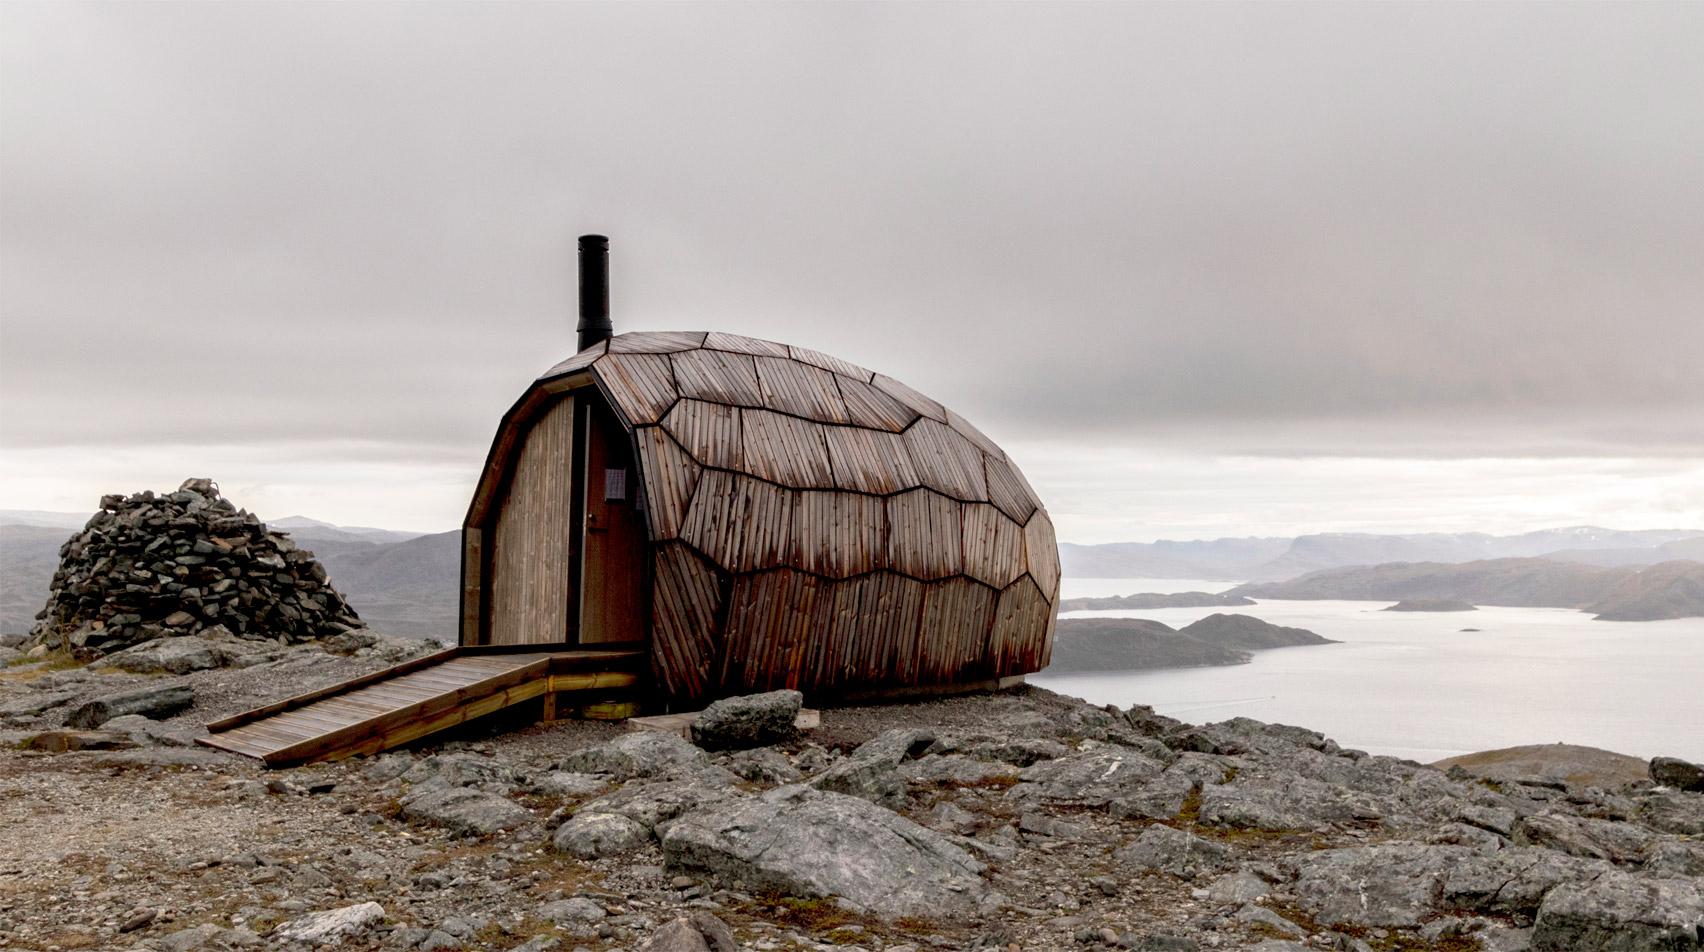 Dağ ve göl manzarasında ahşap kabin dış görünüşü